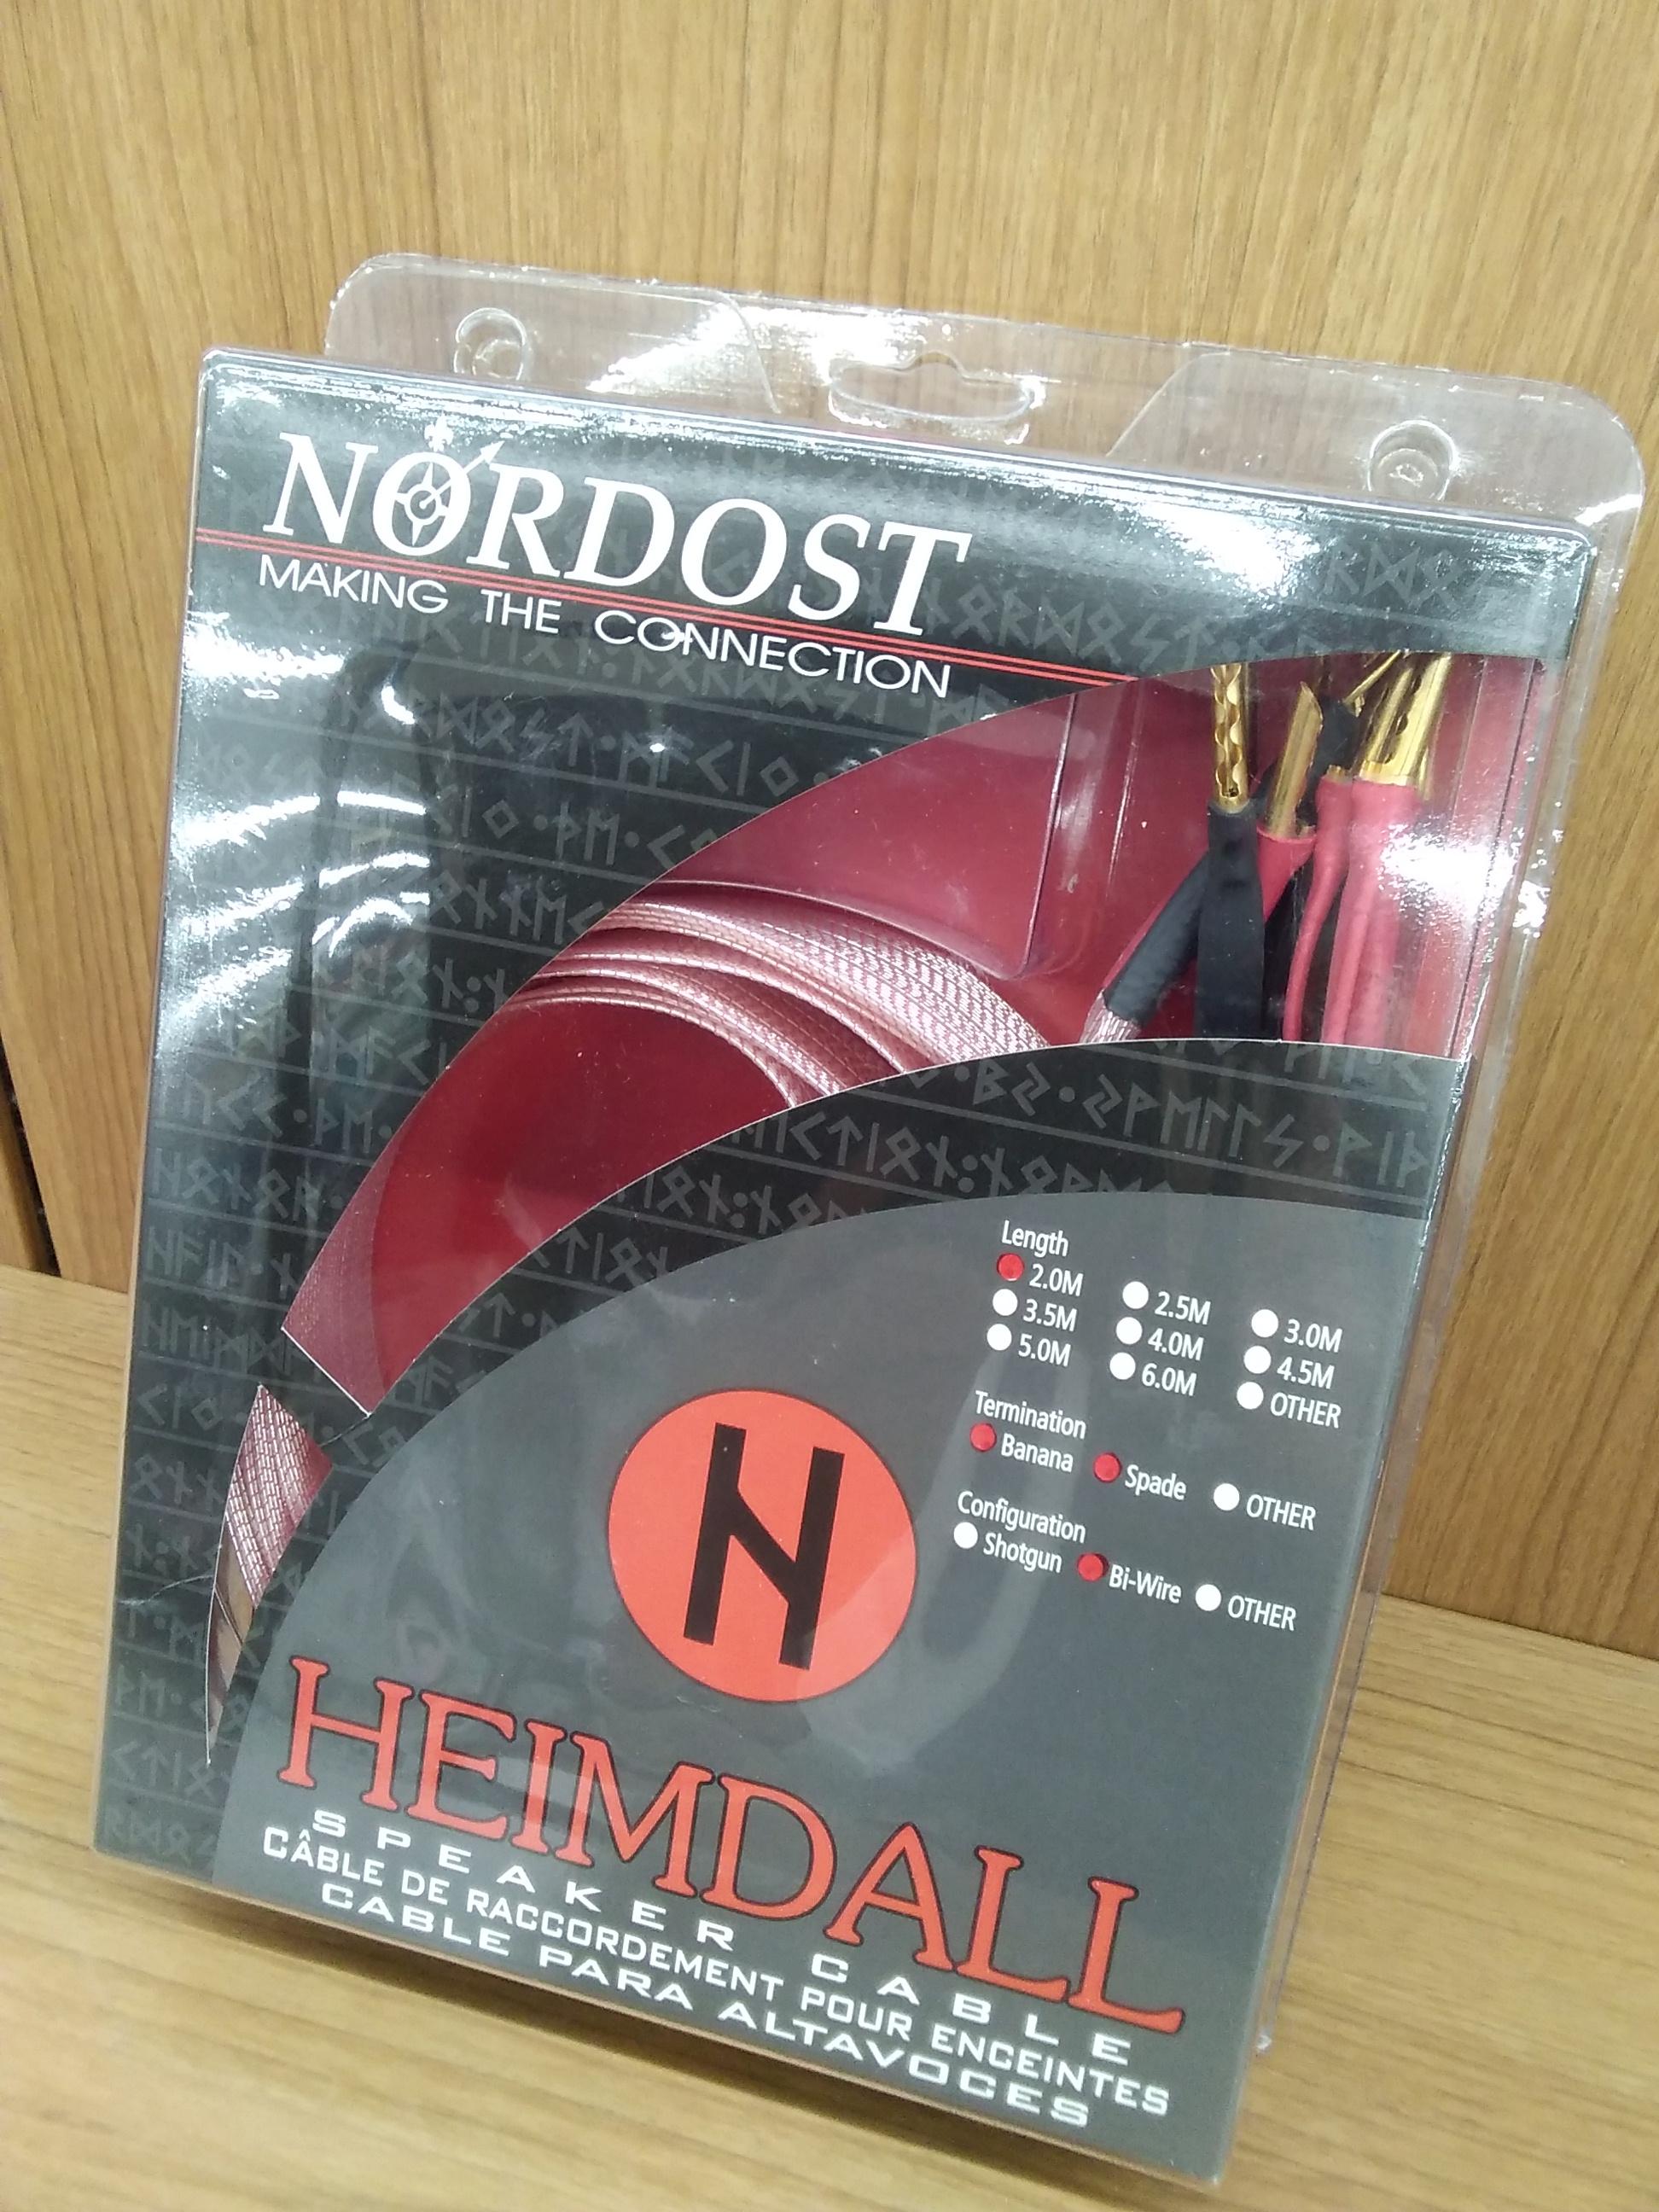 HEIMDALL バナナ-スペード端子 2mペア|NORDOST